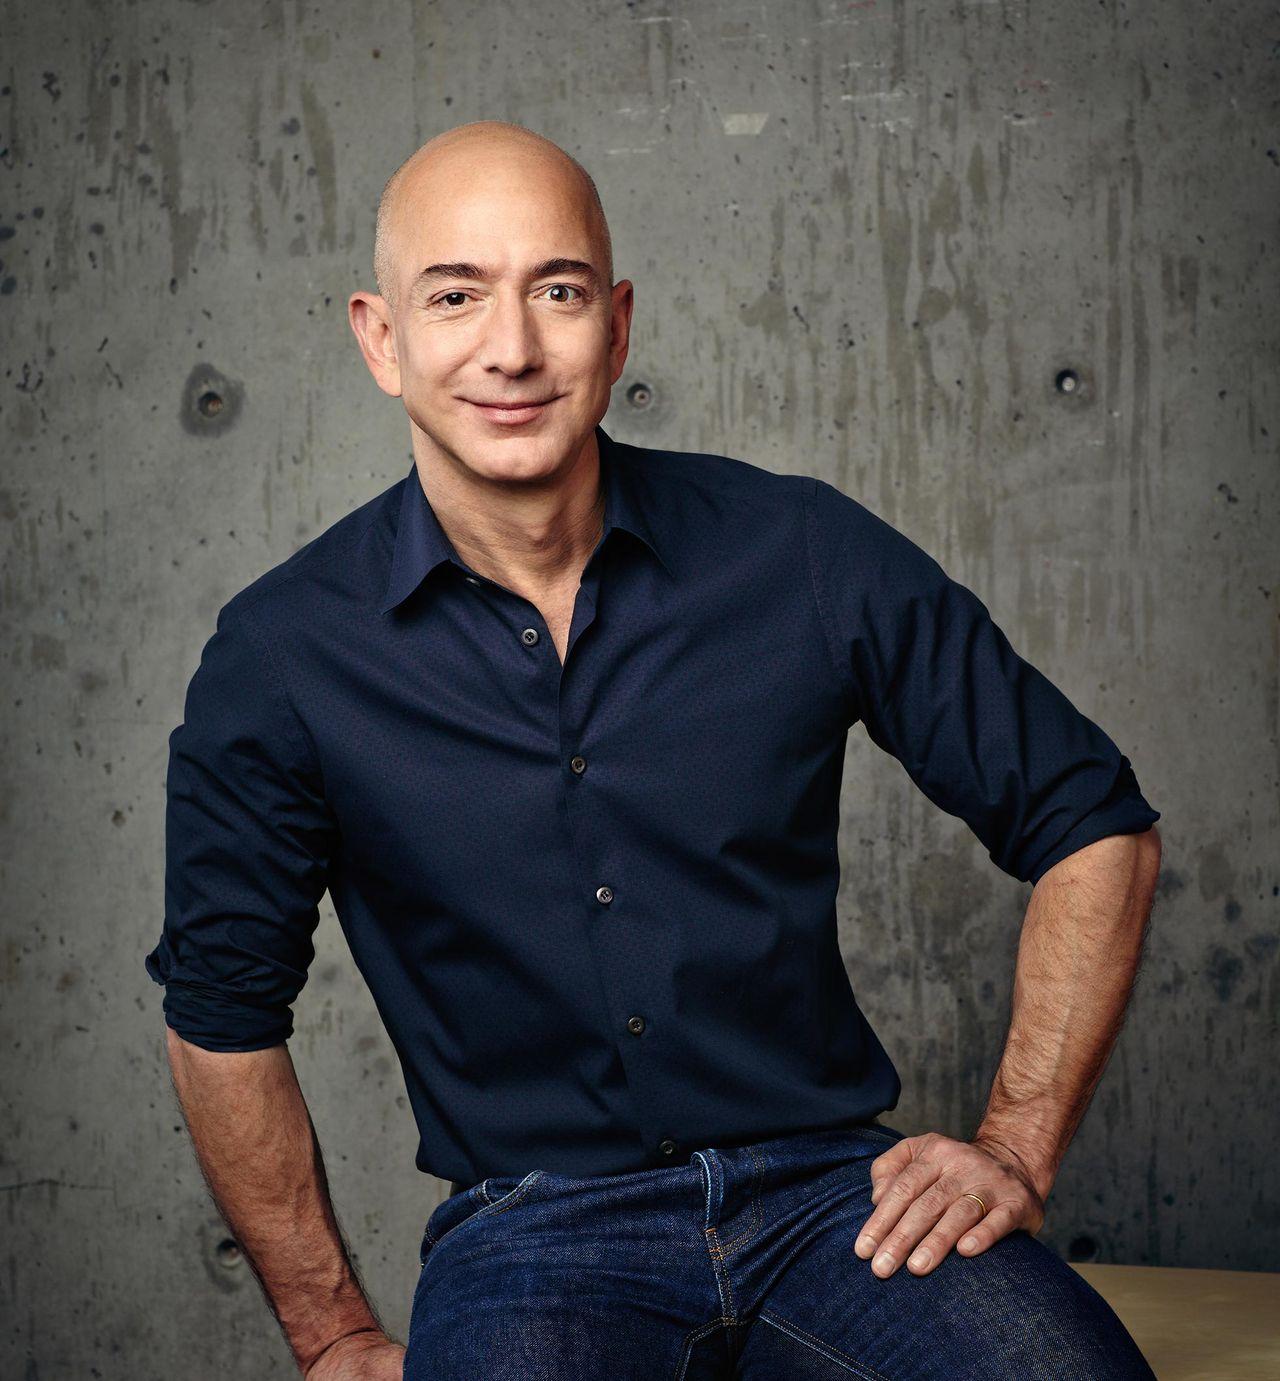 Amazongrundaren Jeff Bezos skiljer sig